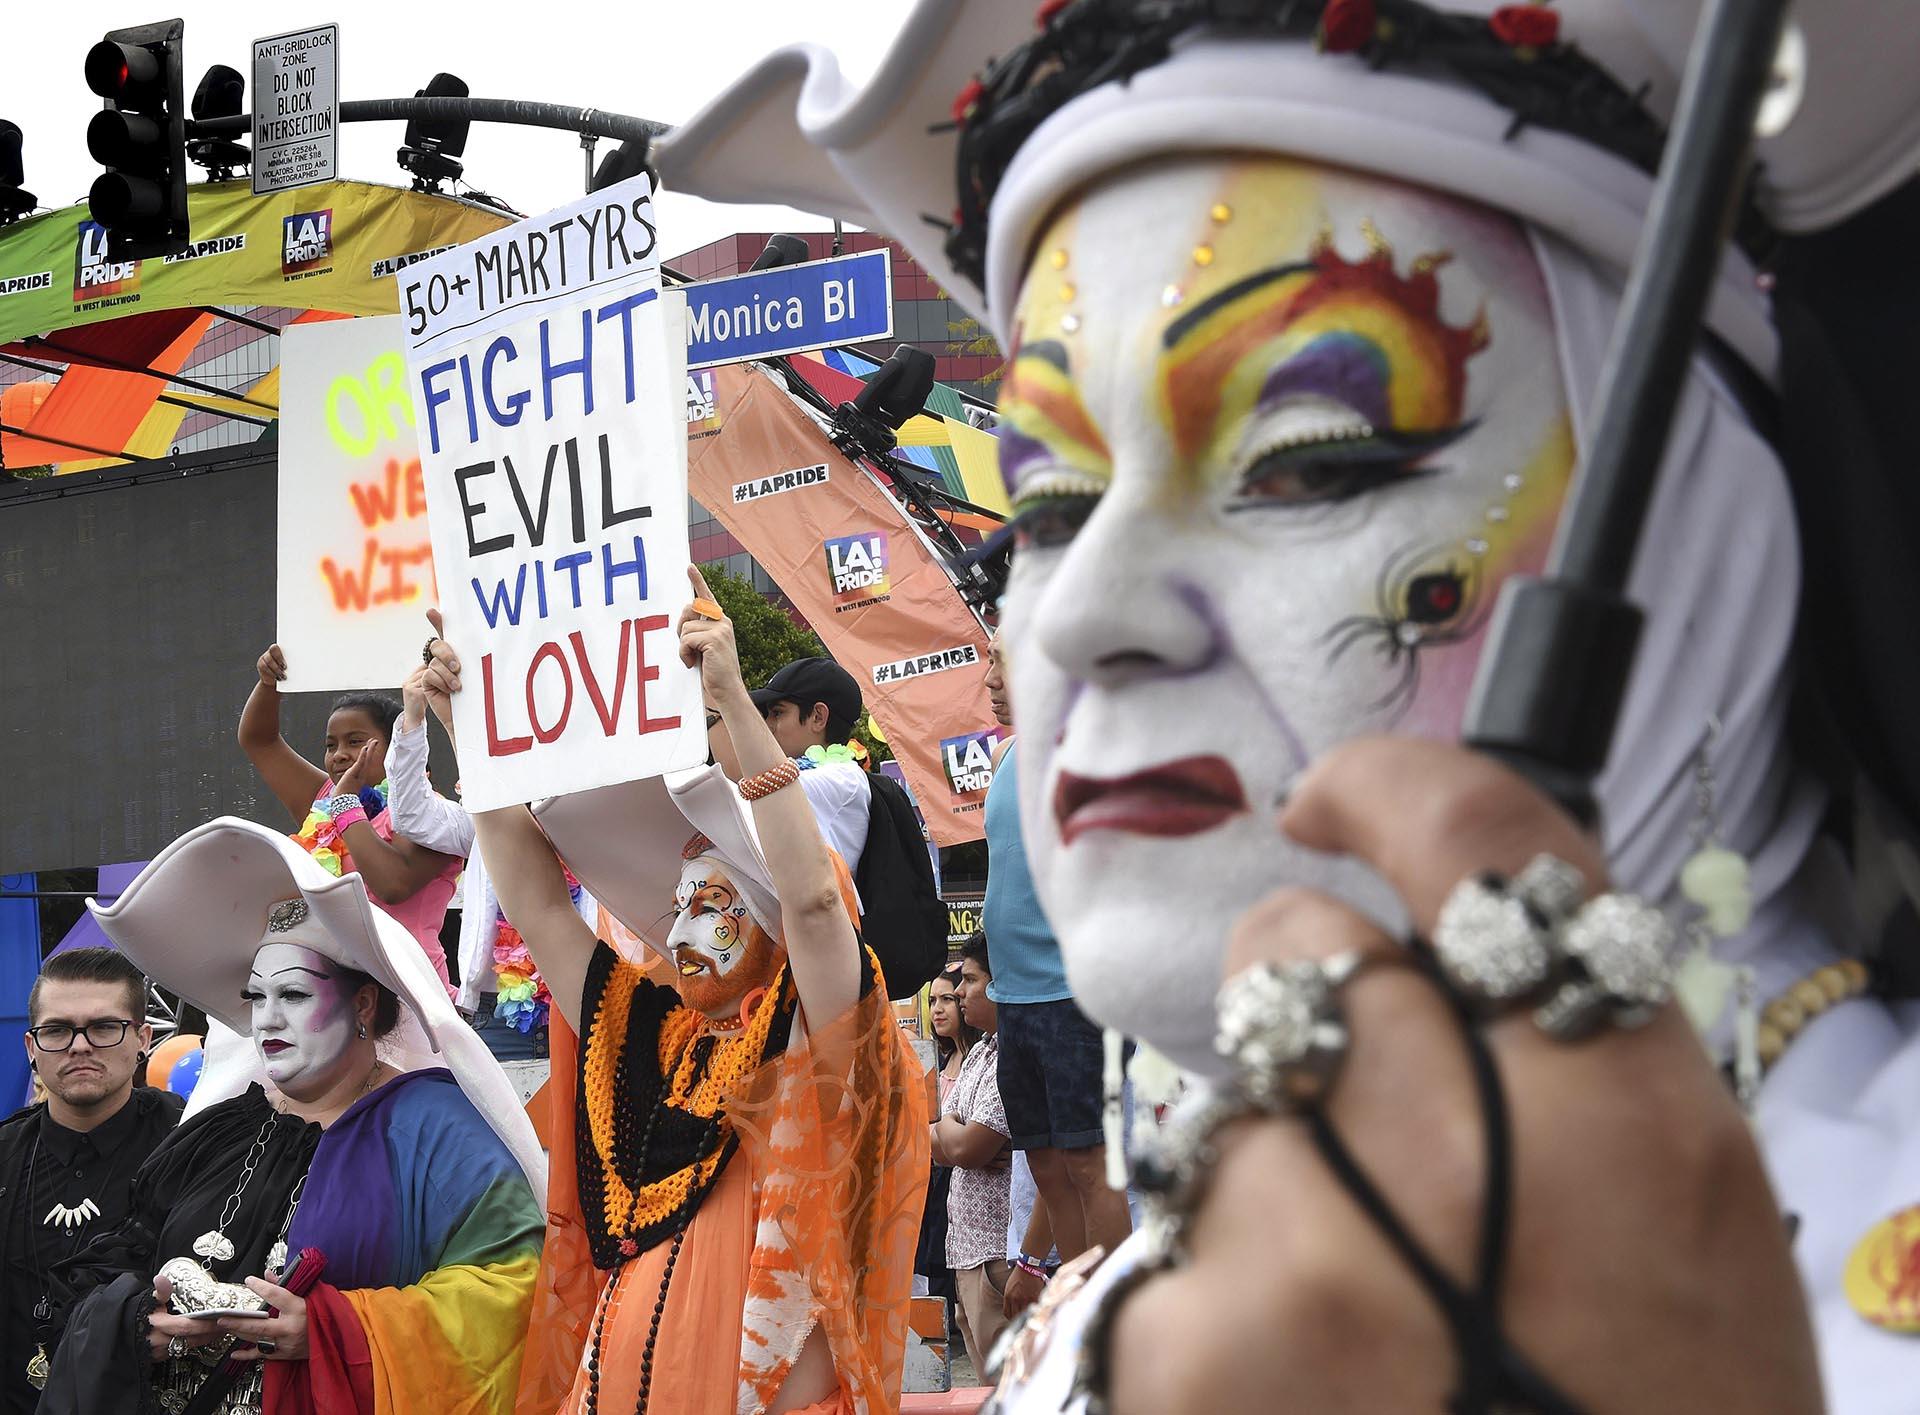 Los participantes muestran su apoyo a las víctimas del tiroteo en un club nocturno de Orlando durante el Desfile del Orgullo del 12 de junio de 20116 en Los Ángeles, California